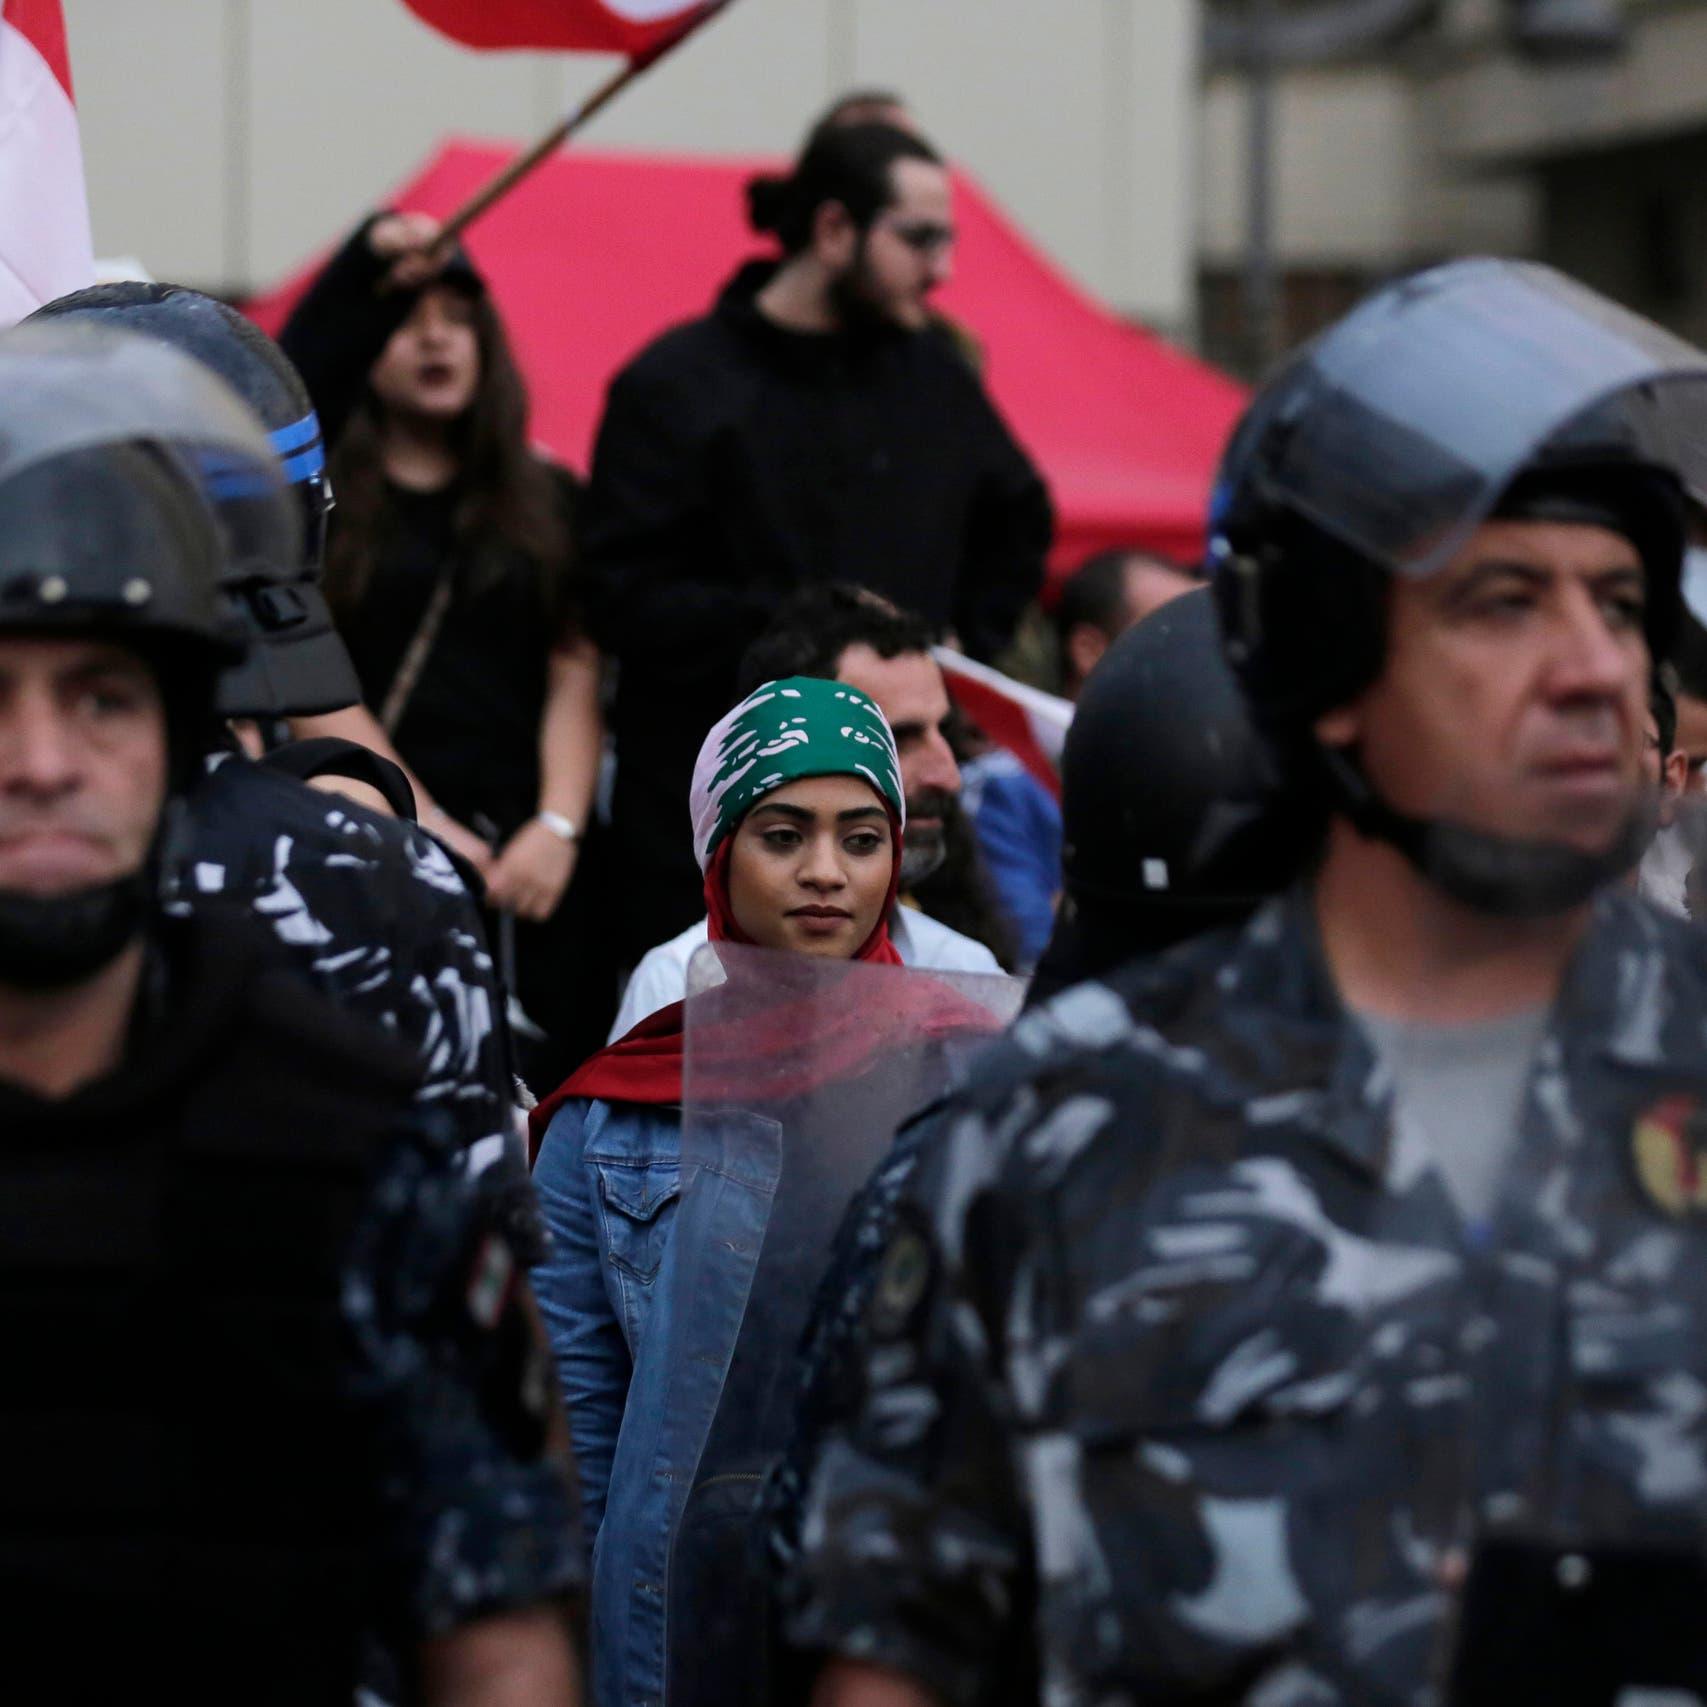 بيروت.. الأمن يحمي المتظاهرين وموالو حزب الله ينسحبون